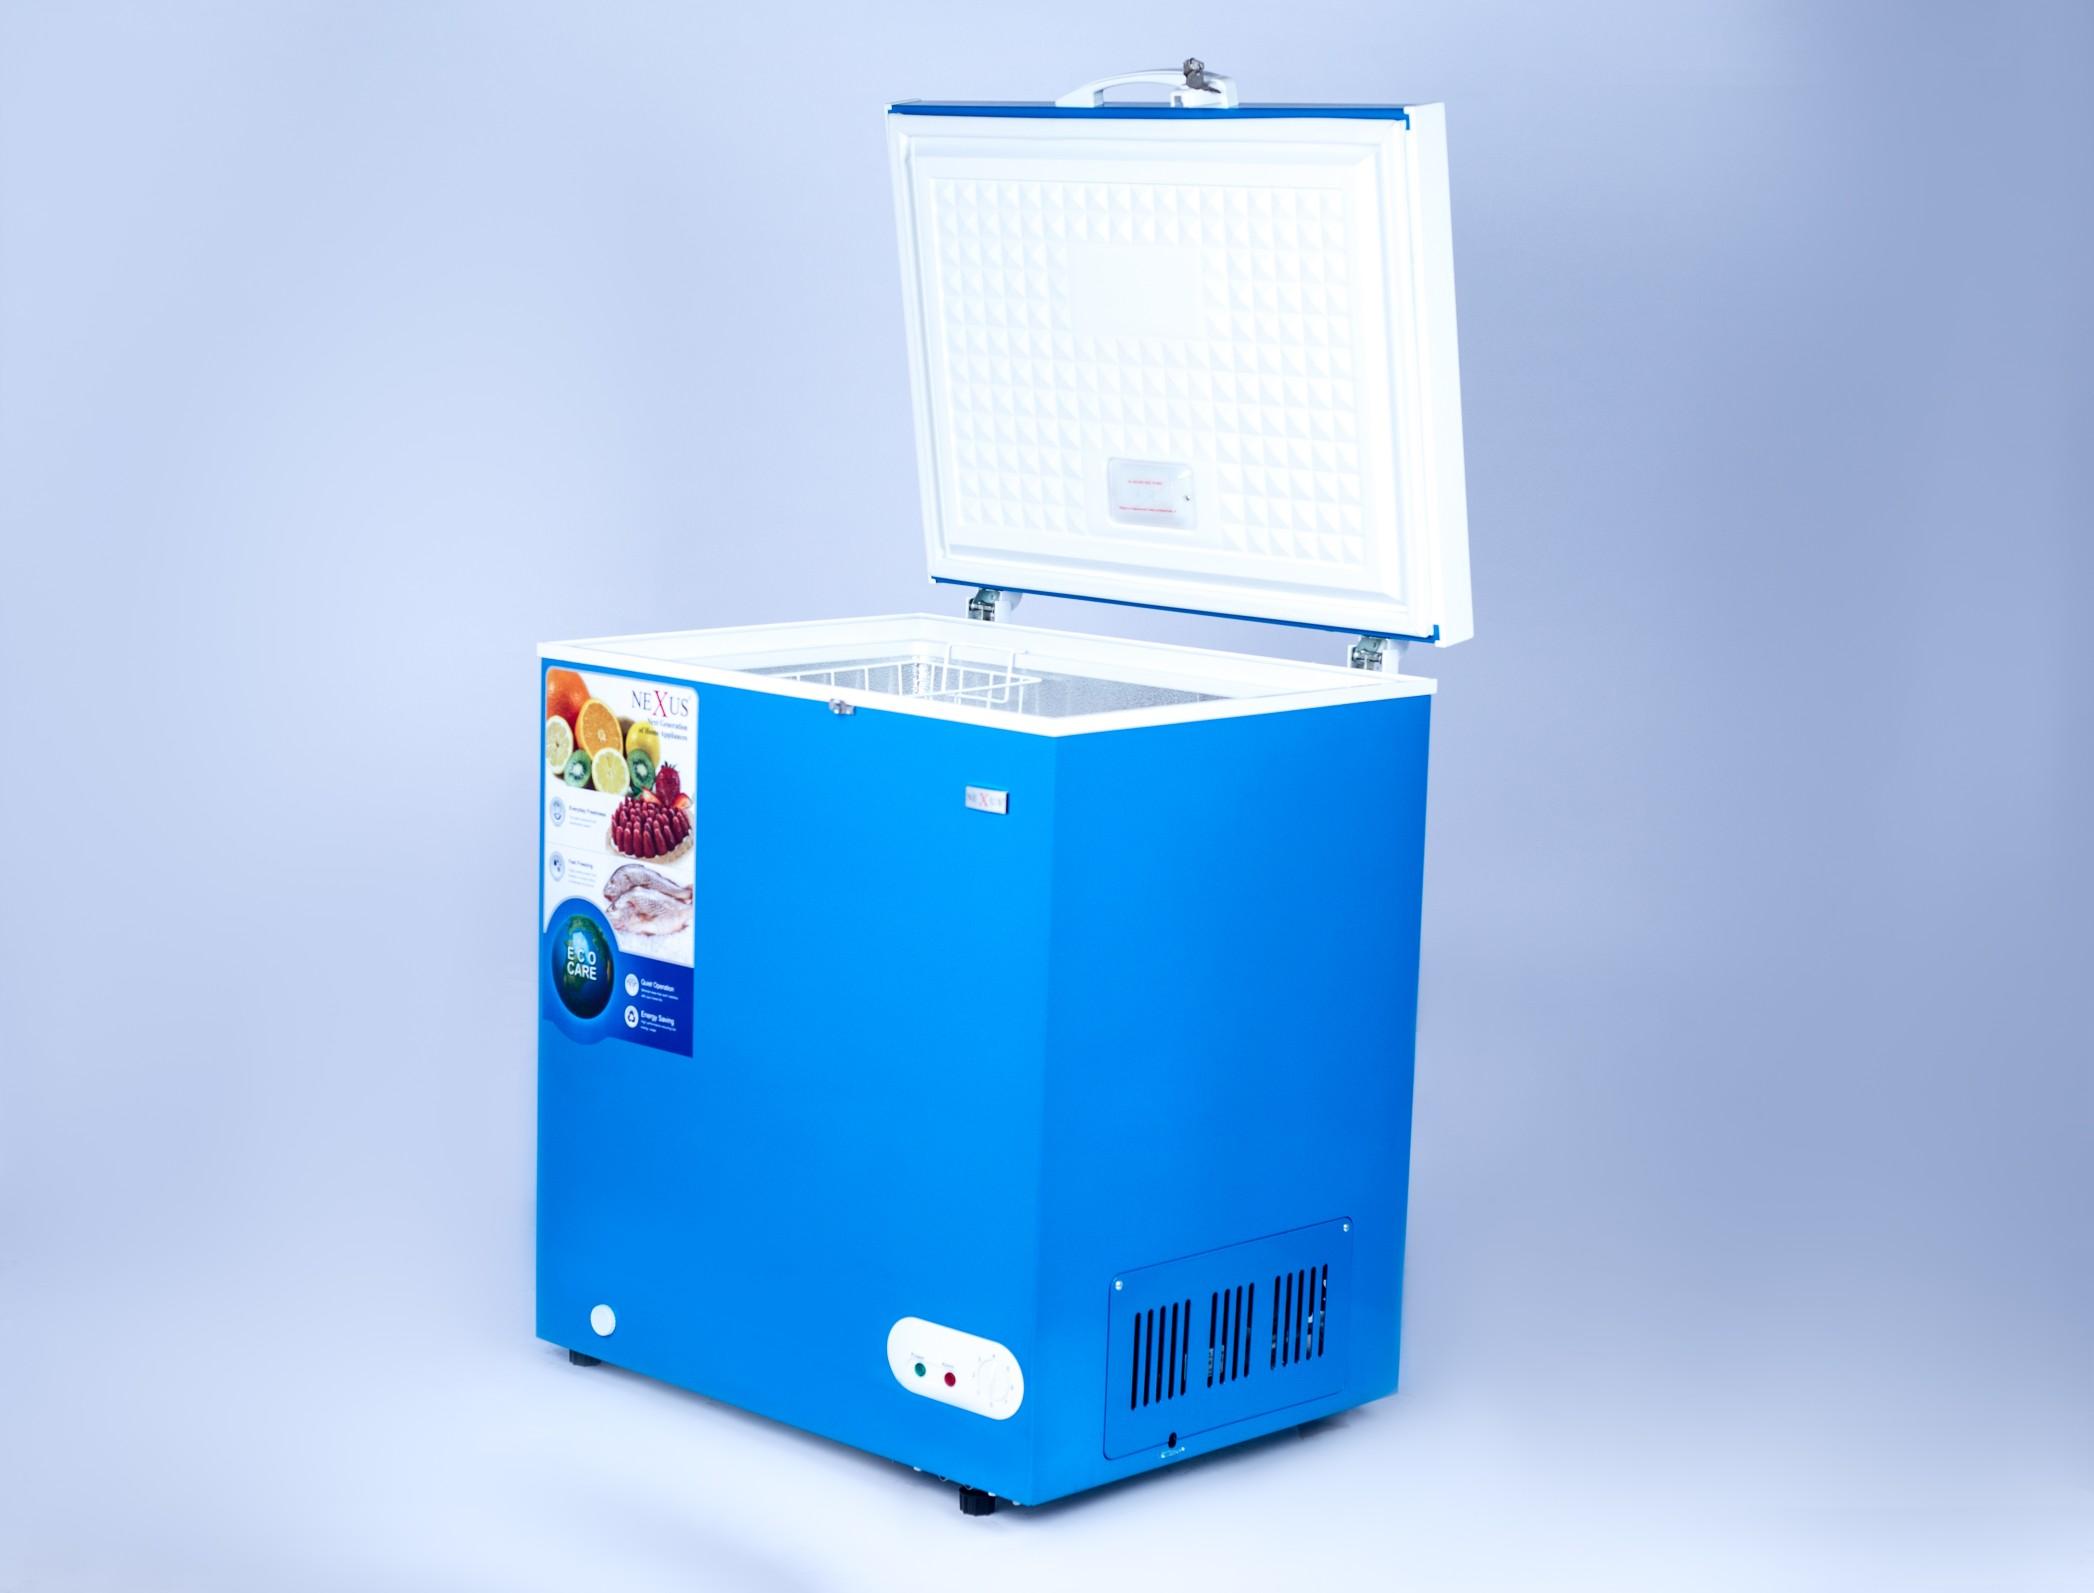 NX-160-01 Nexus deep freezer